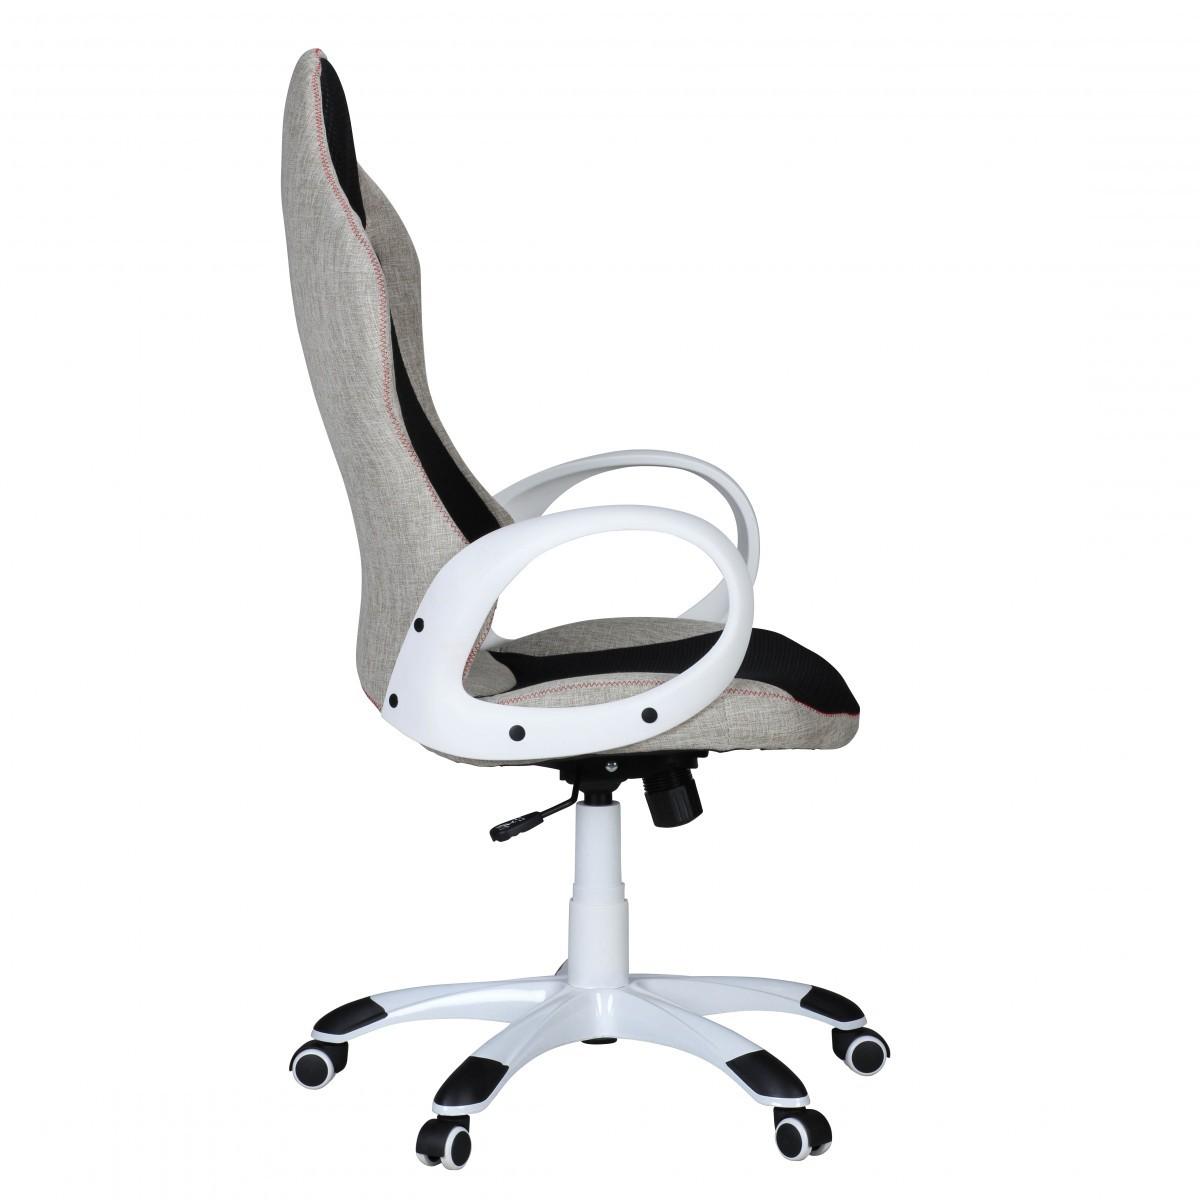 Bürostuhl weiß stoff  FineBuy Bürostuhl ROSO Stoffbezug Schreibtischstuhl Armlehne ...